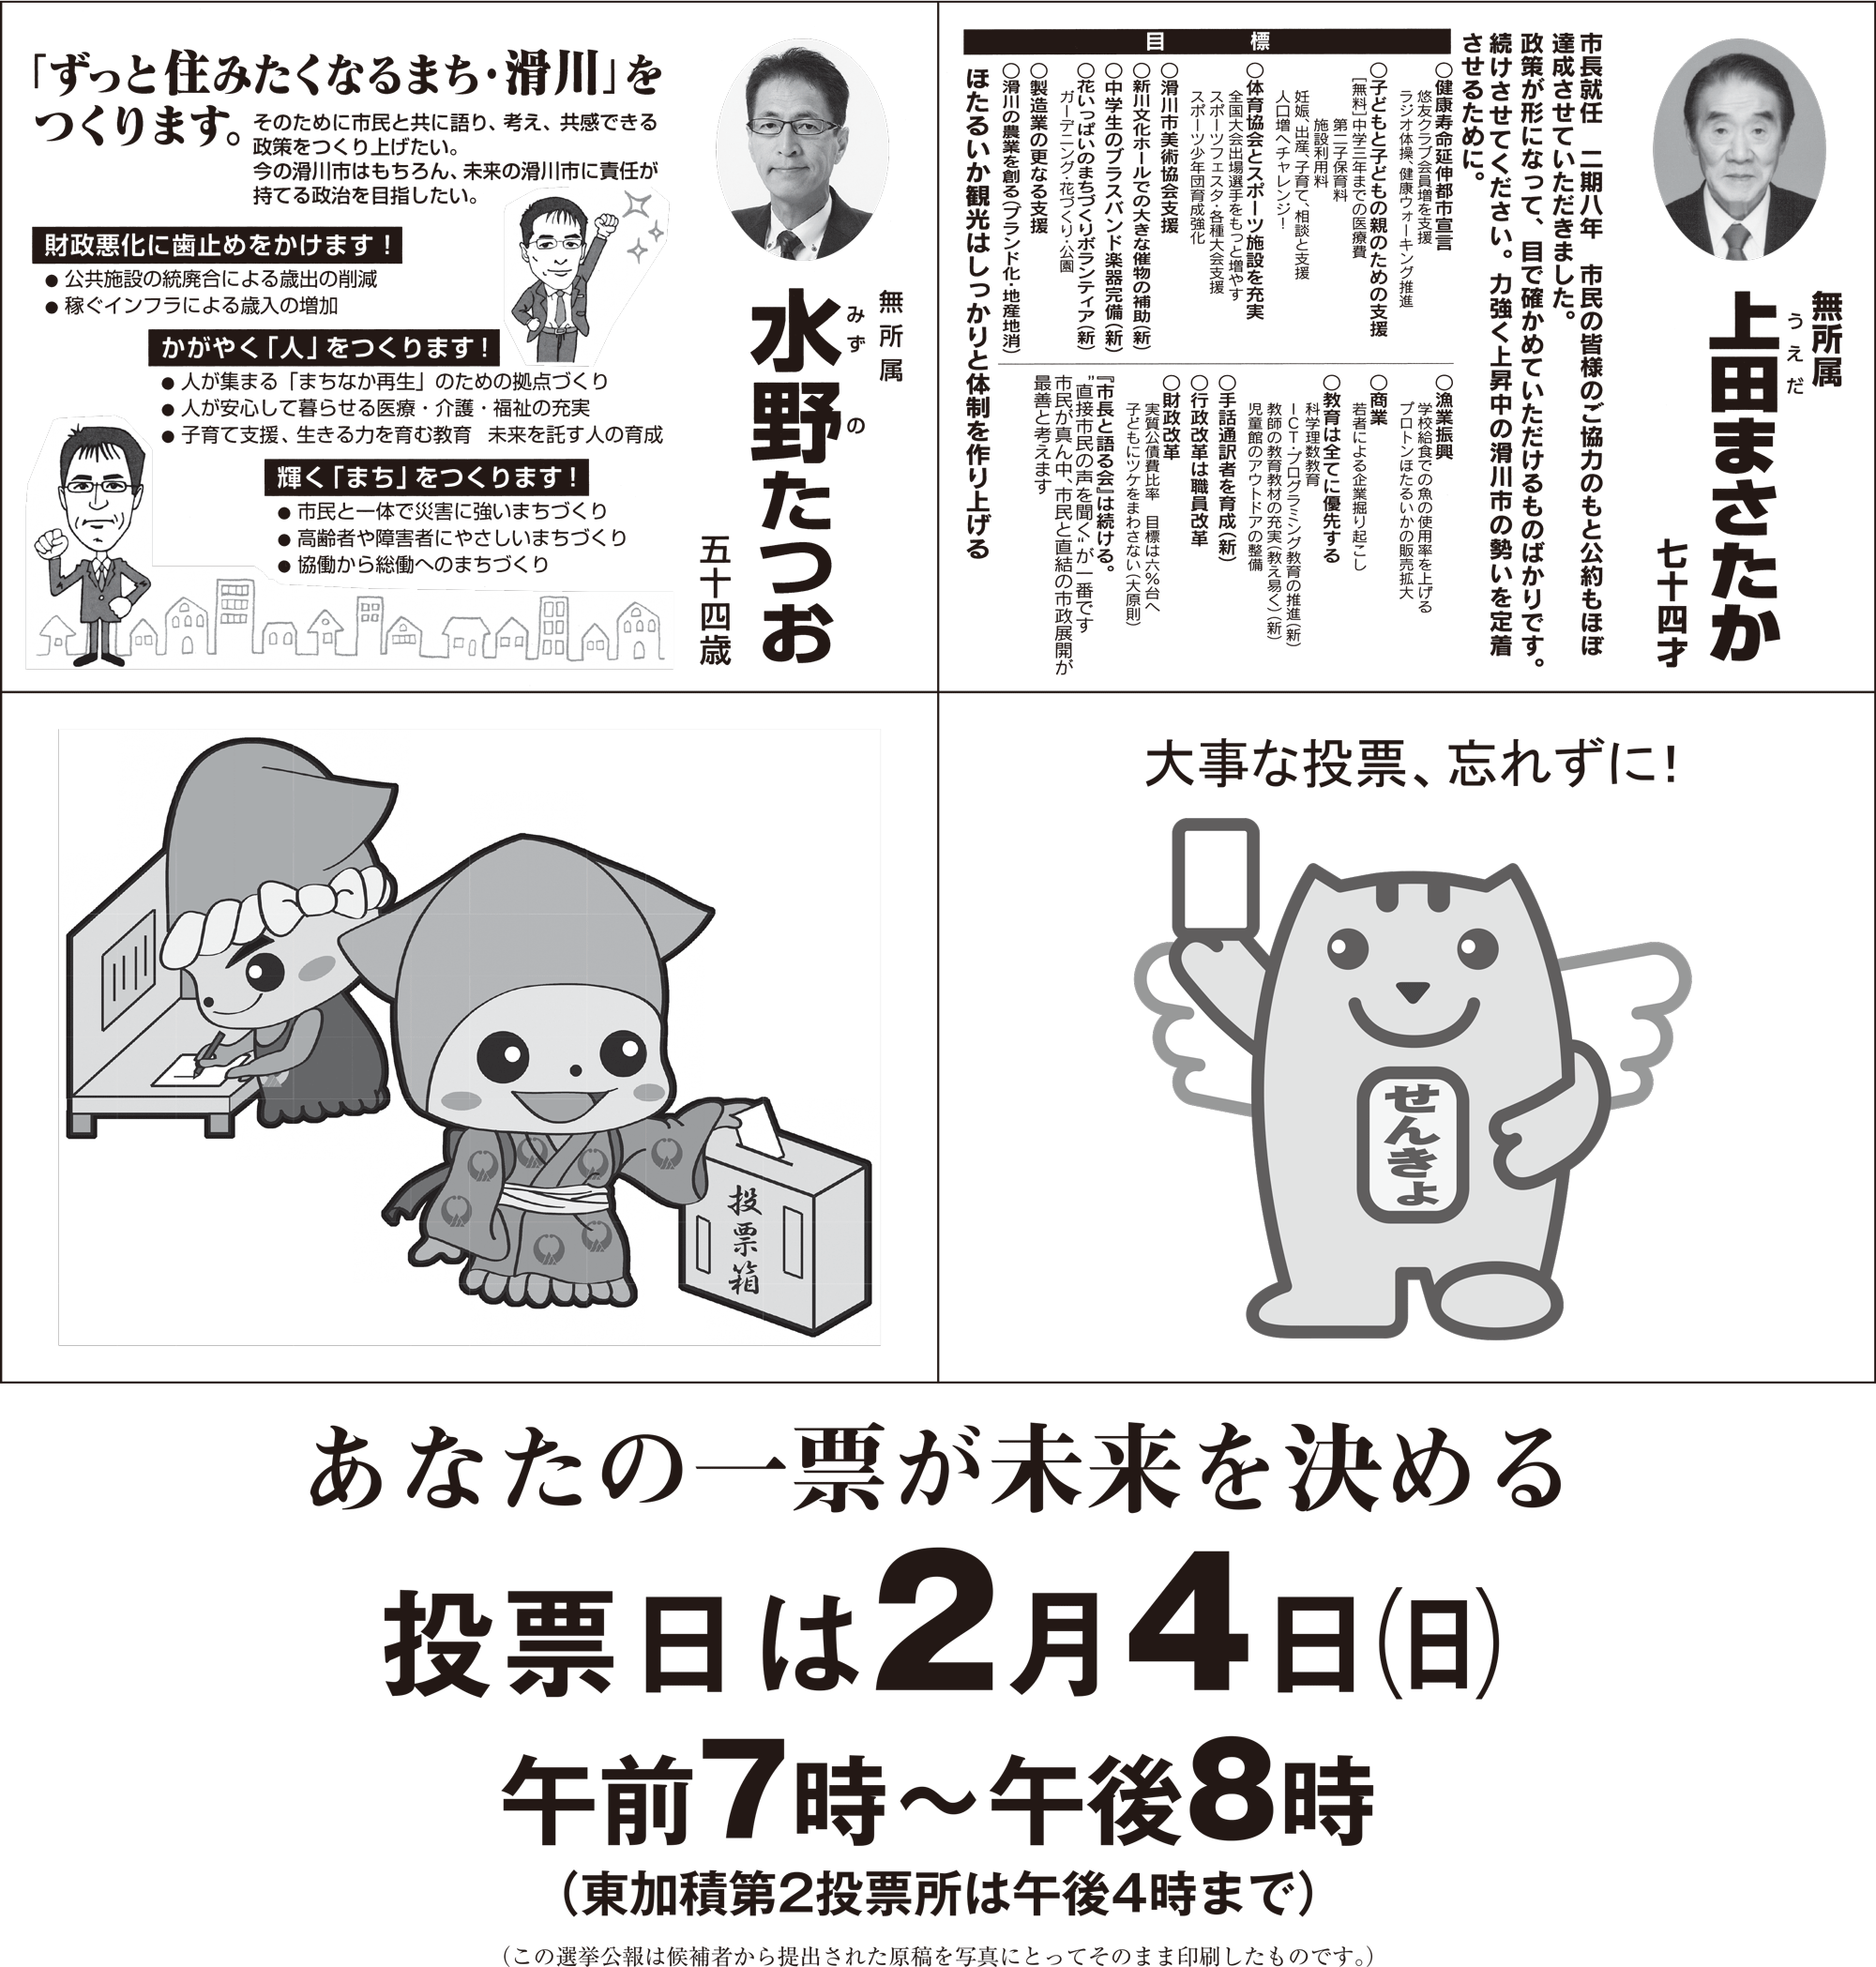 滑川市長選挙2018の立候補者の選挙公報